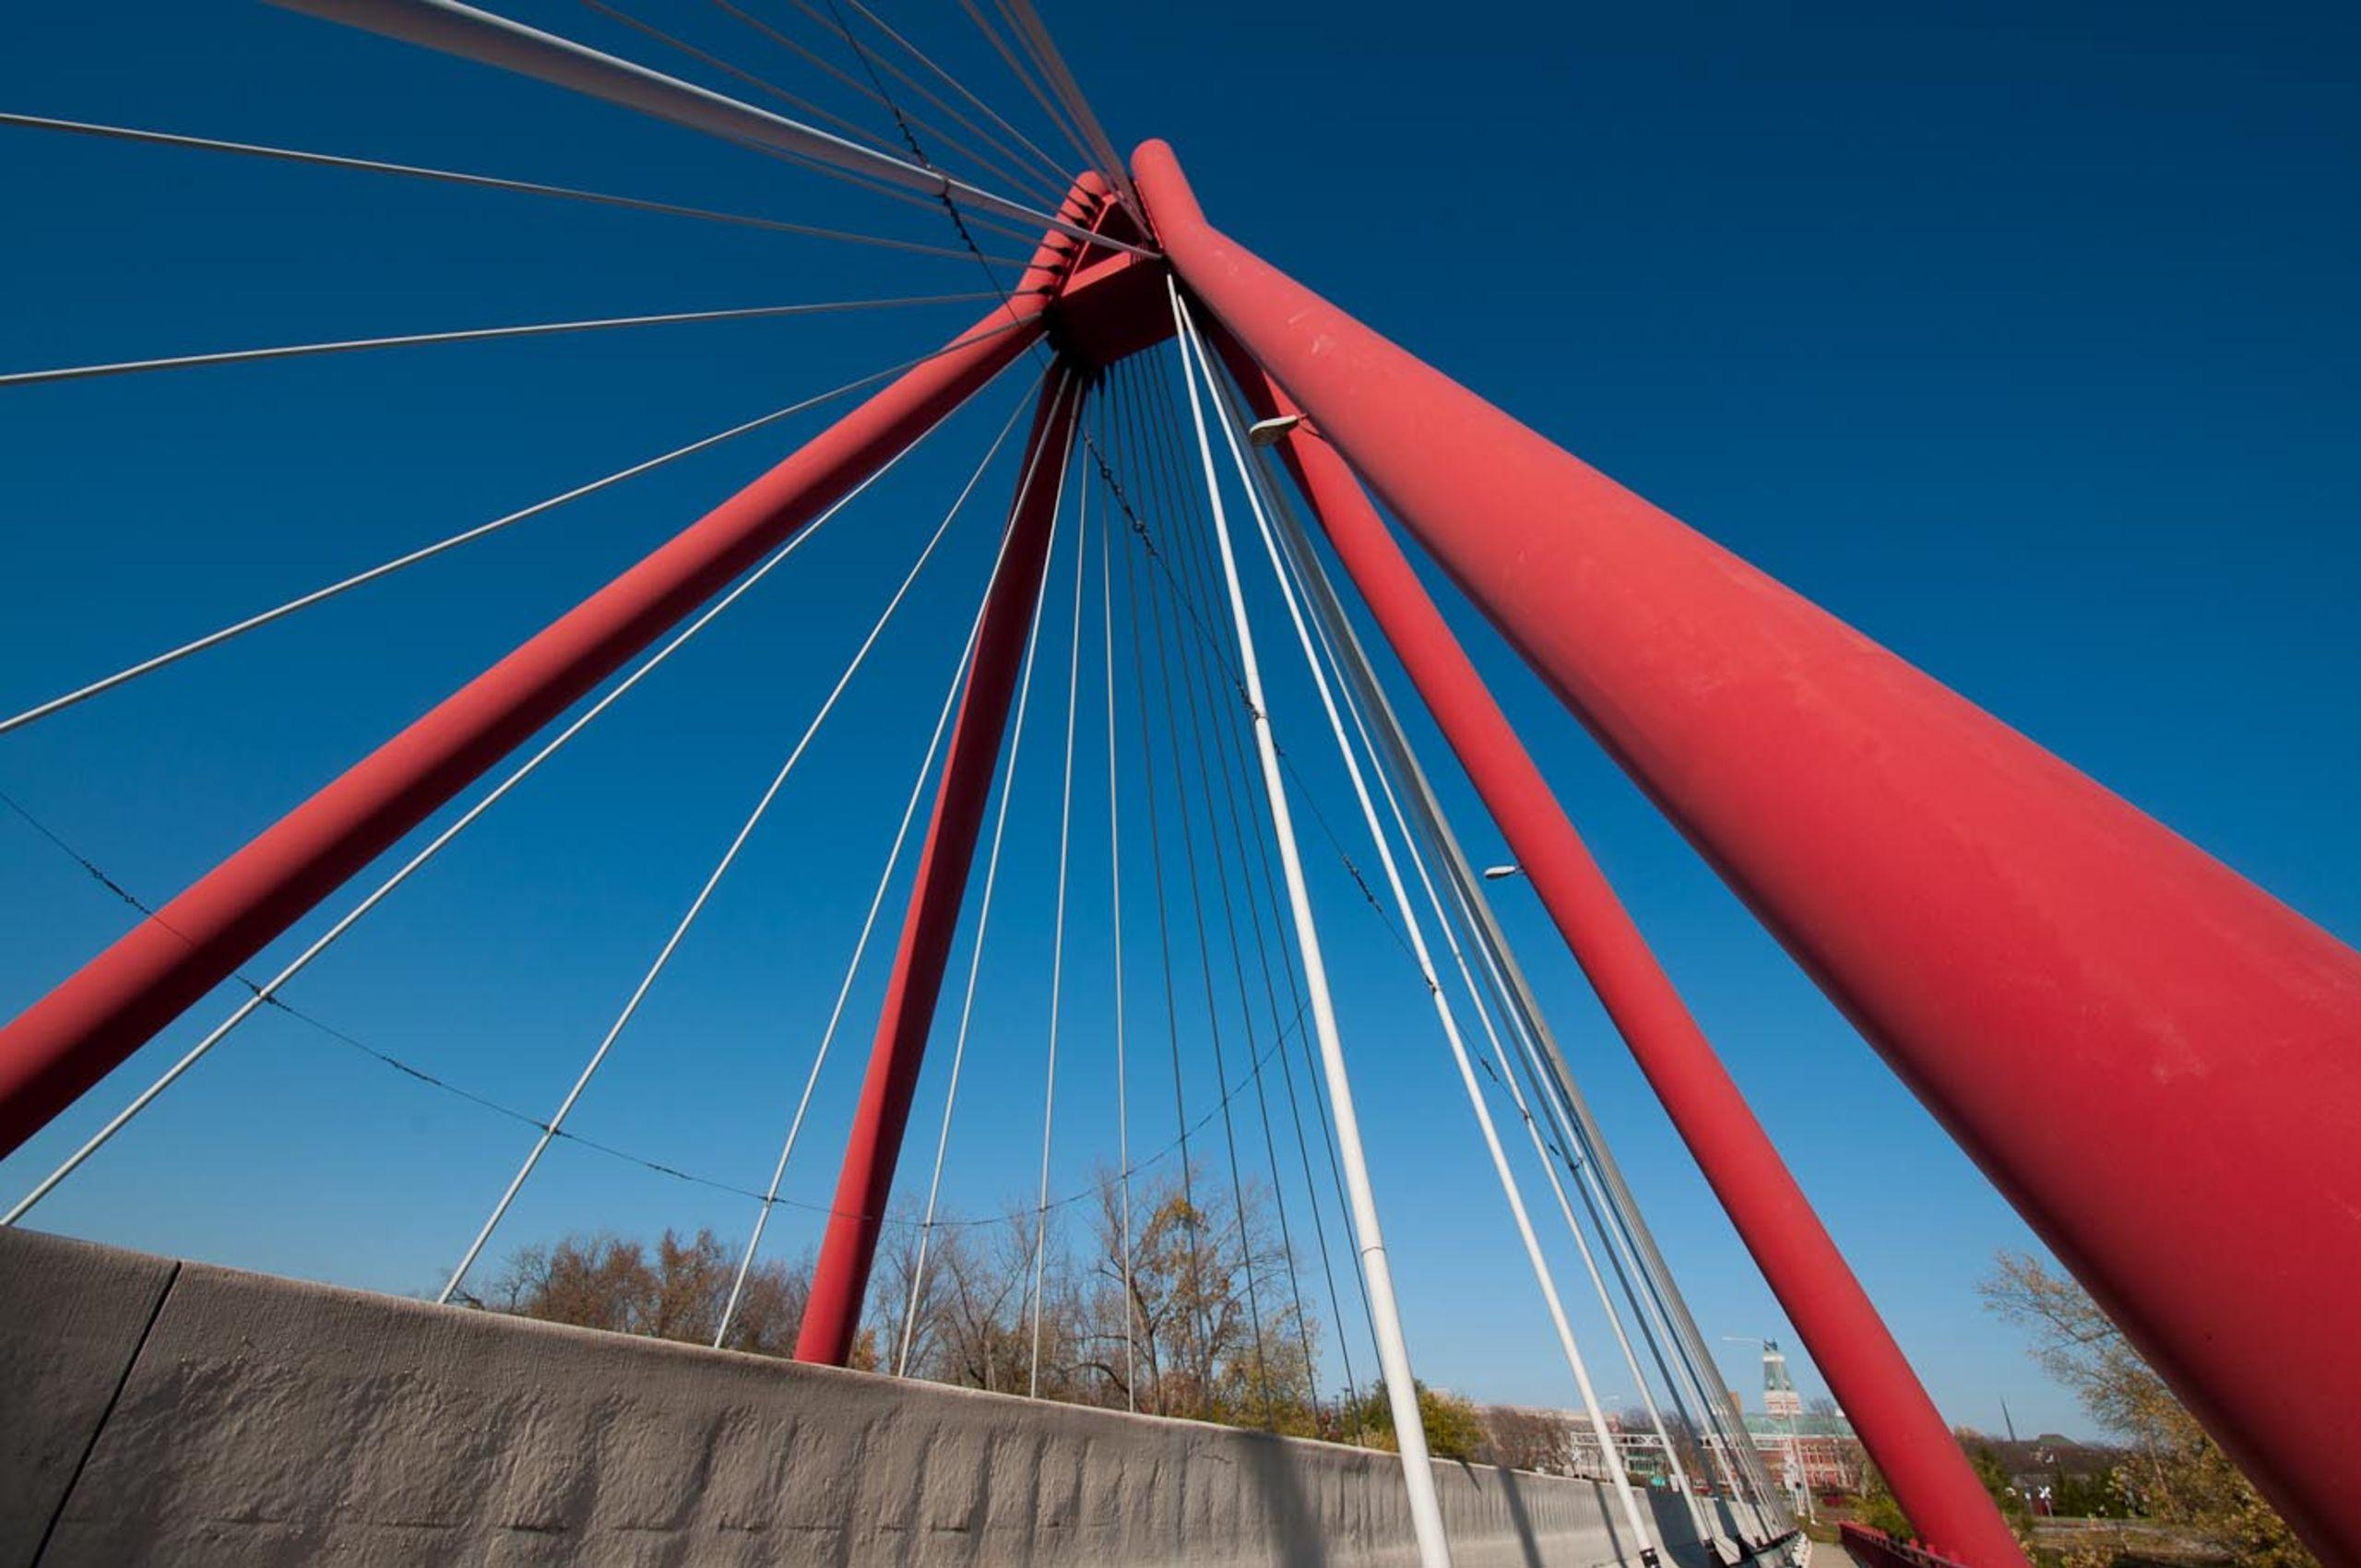 Iconic Red Bridge